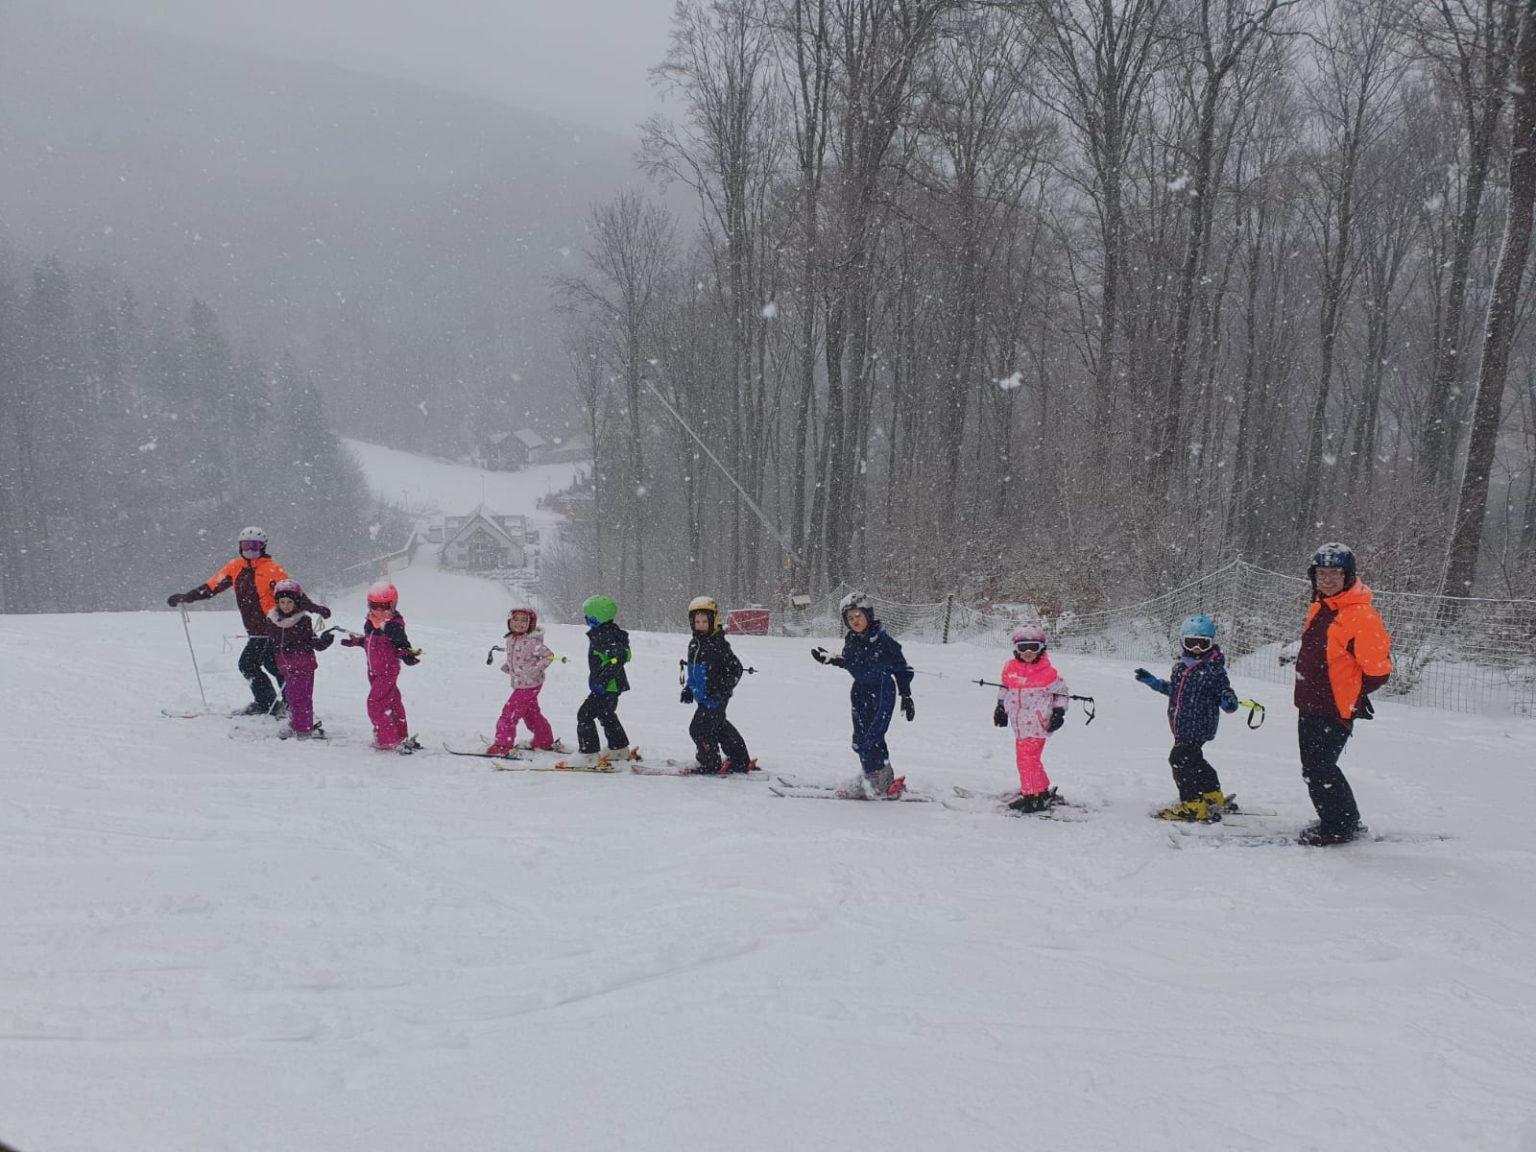 Tabara de schi pentru copii la Sugas Bai - Covalpin